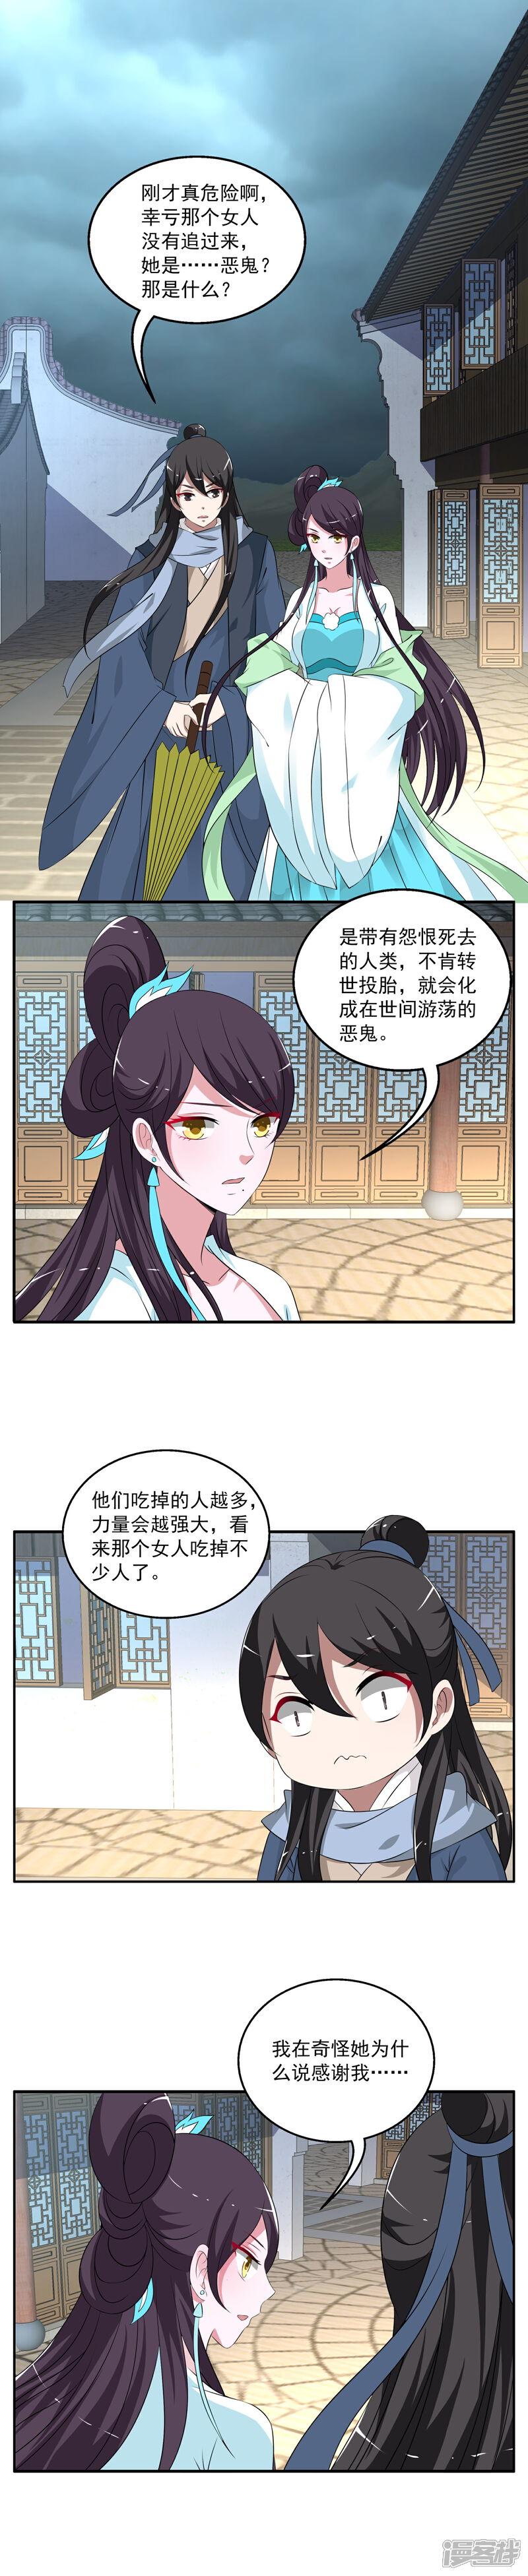 洛小妖191 (2).JPG